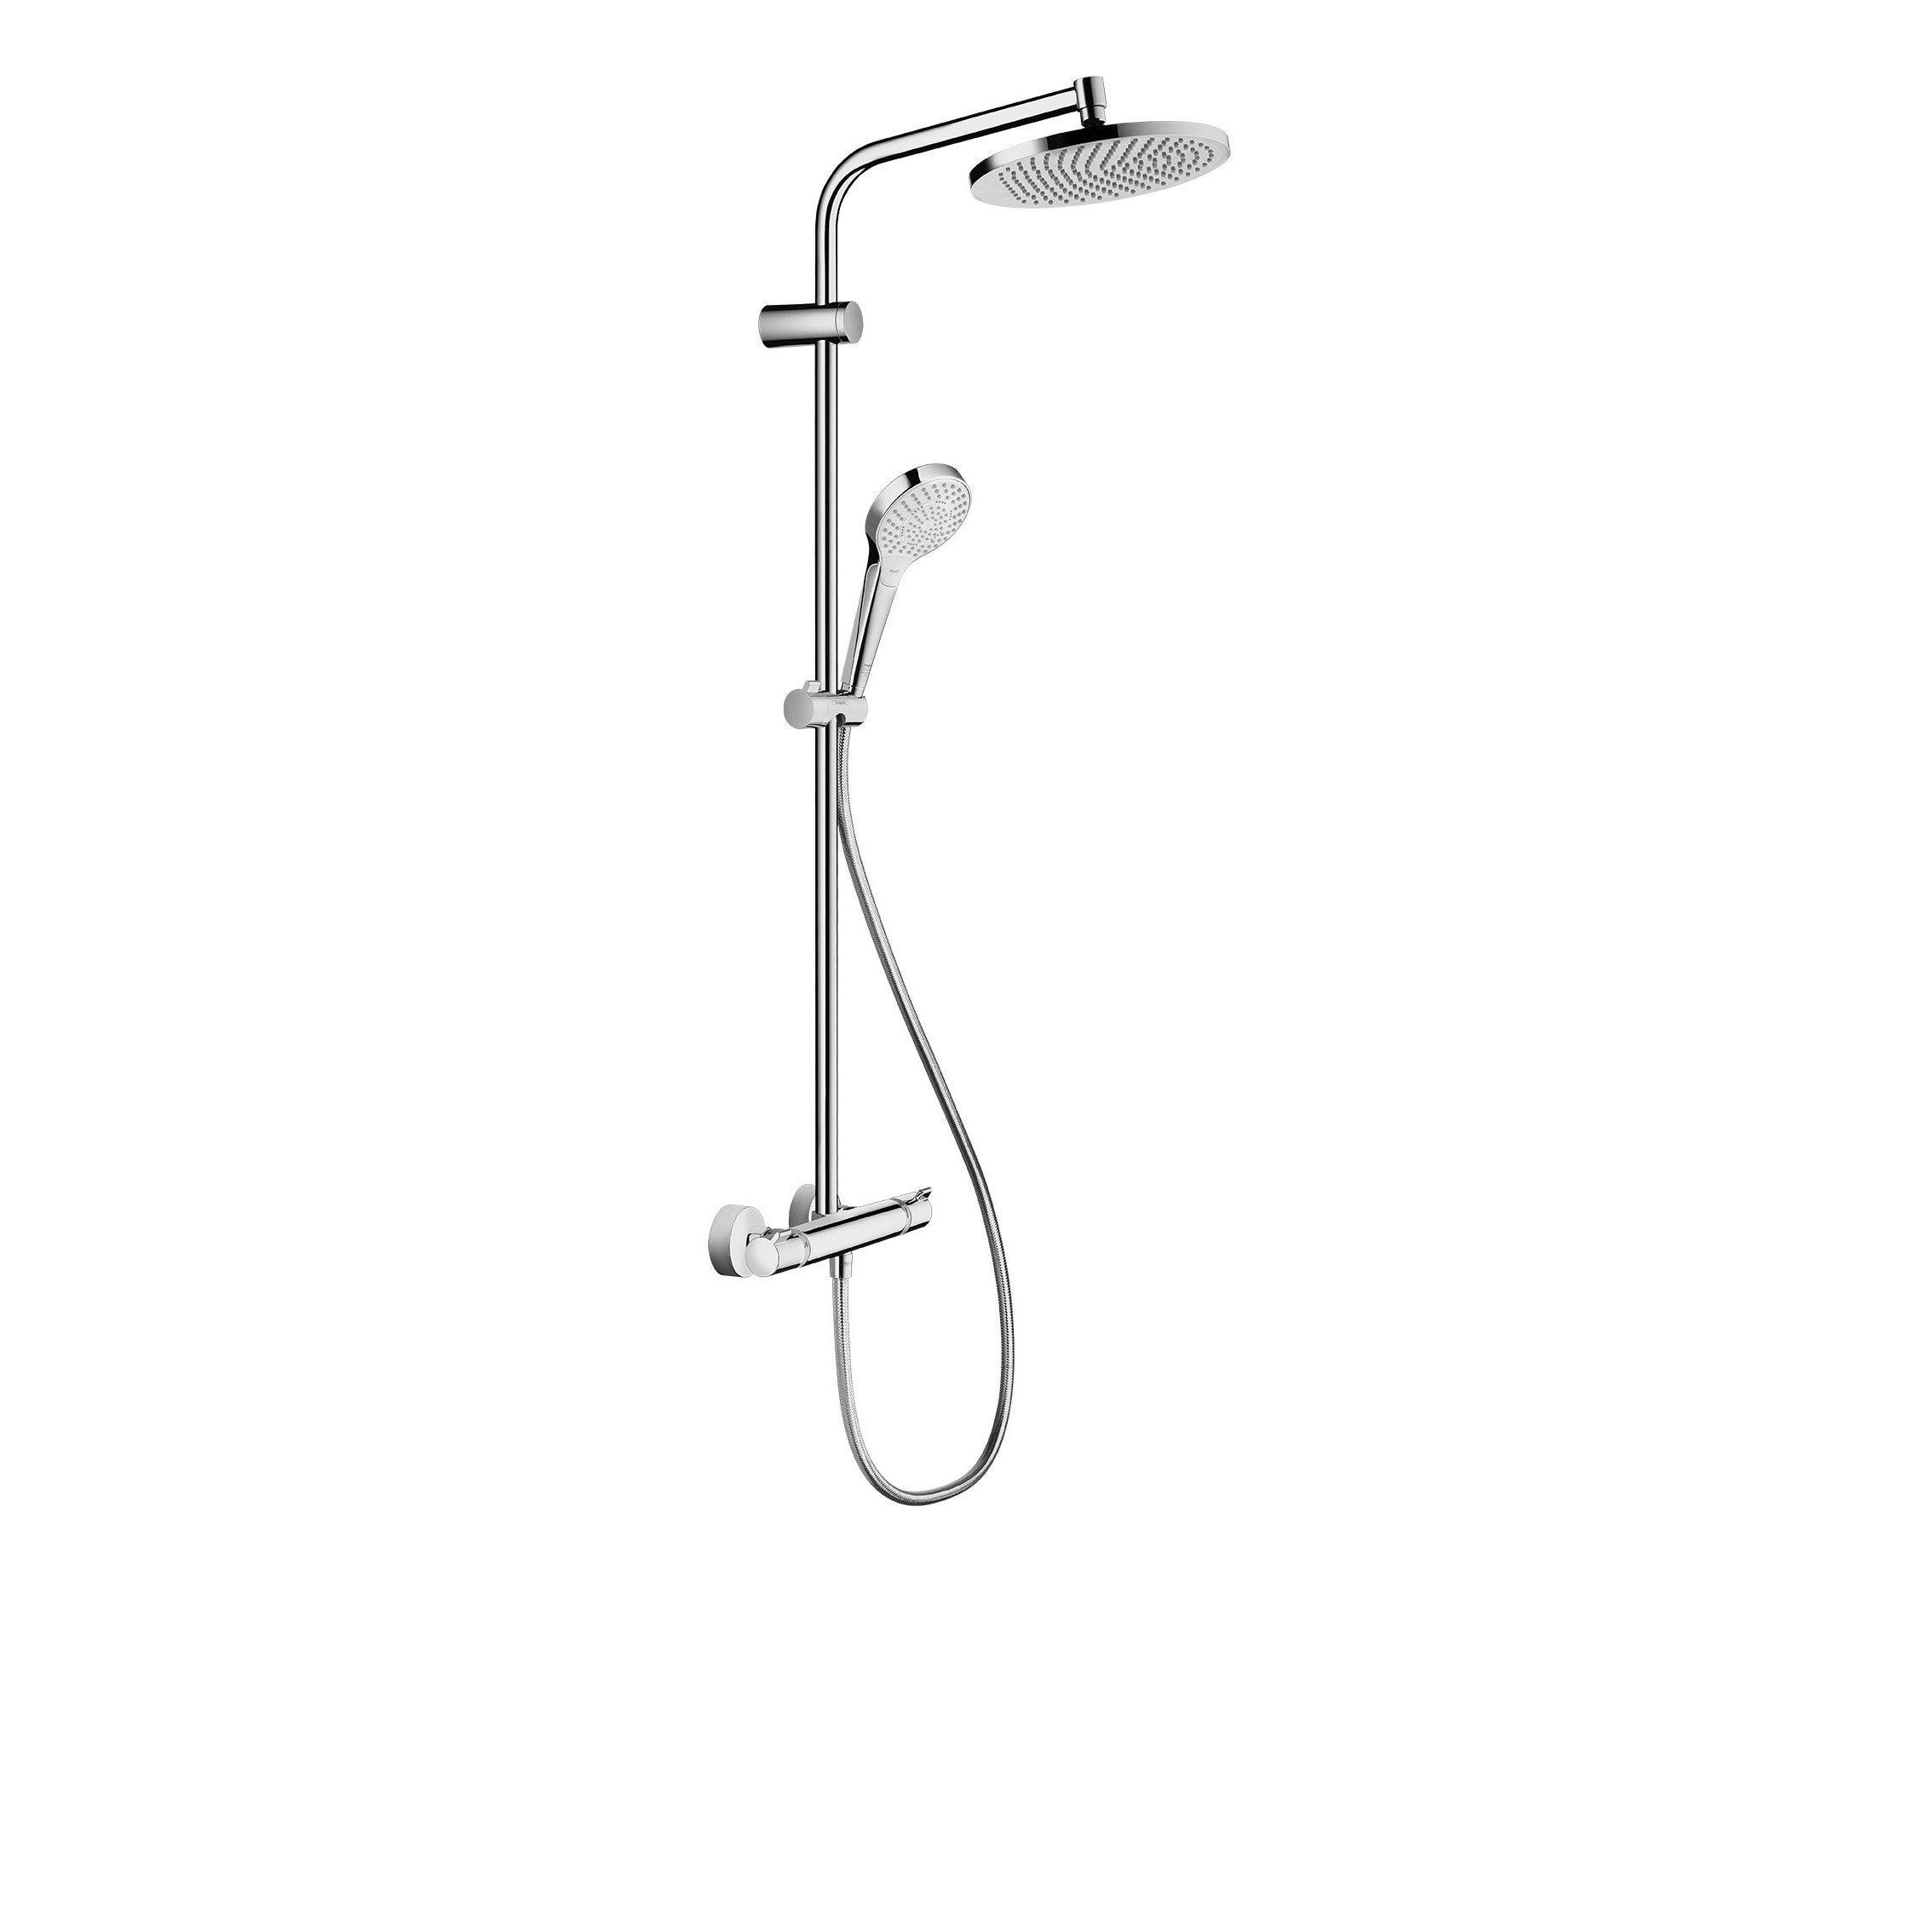 Colonne de douche, HANSGROHE Lmh s 240 showerpipe